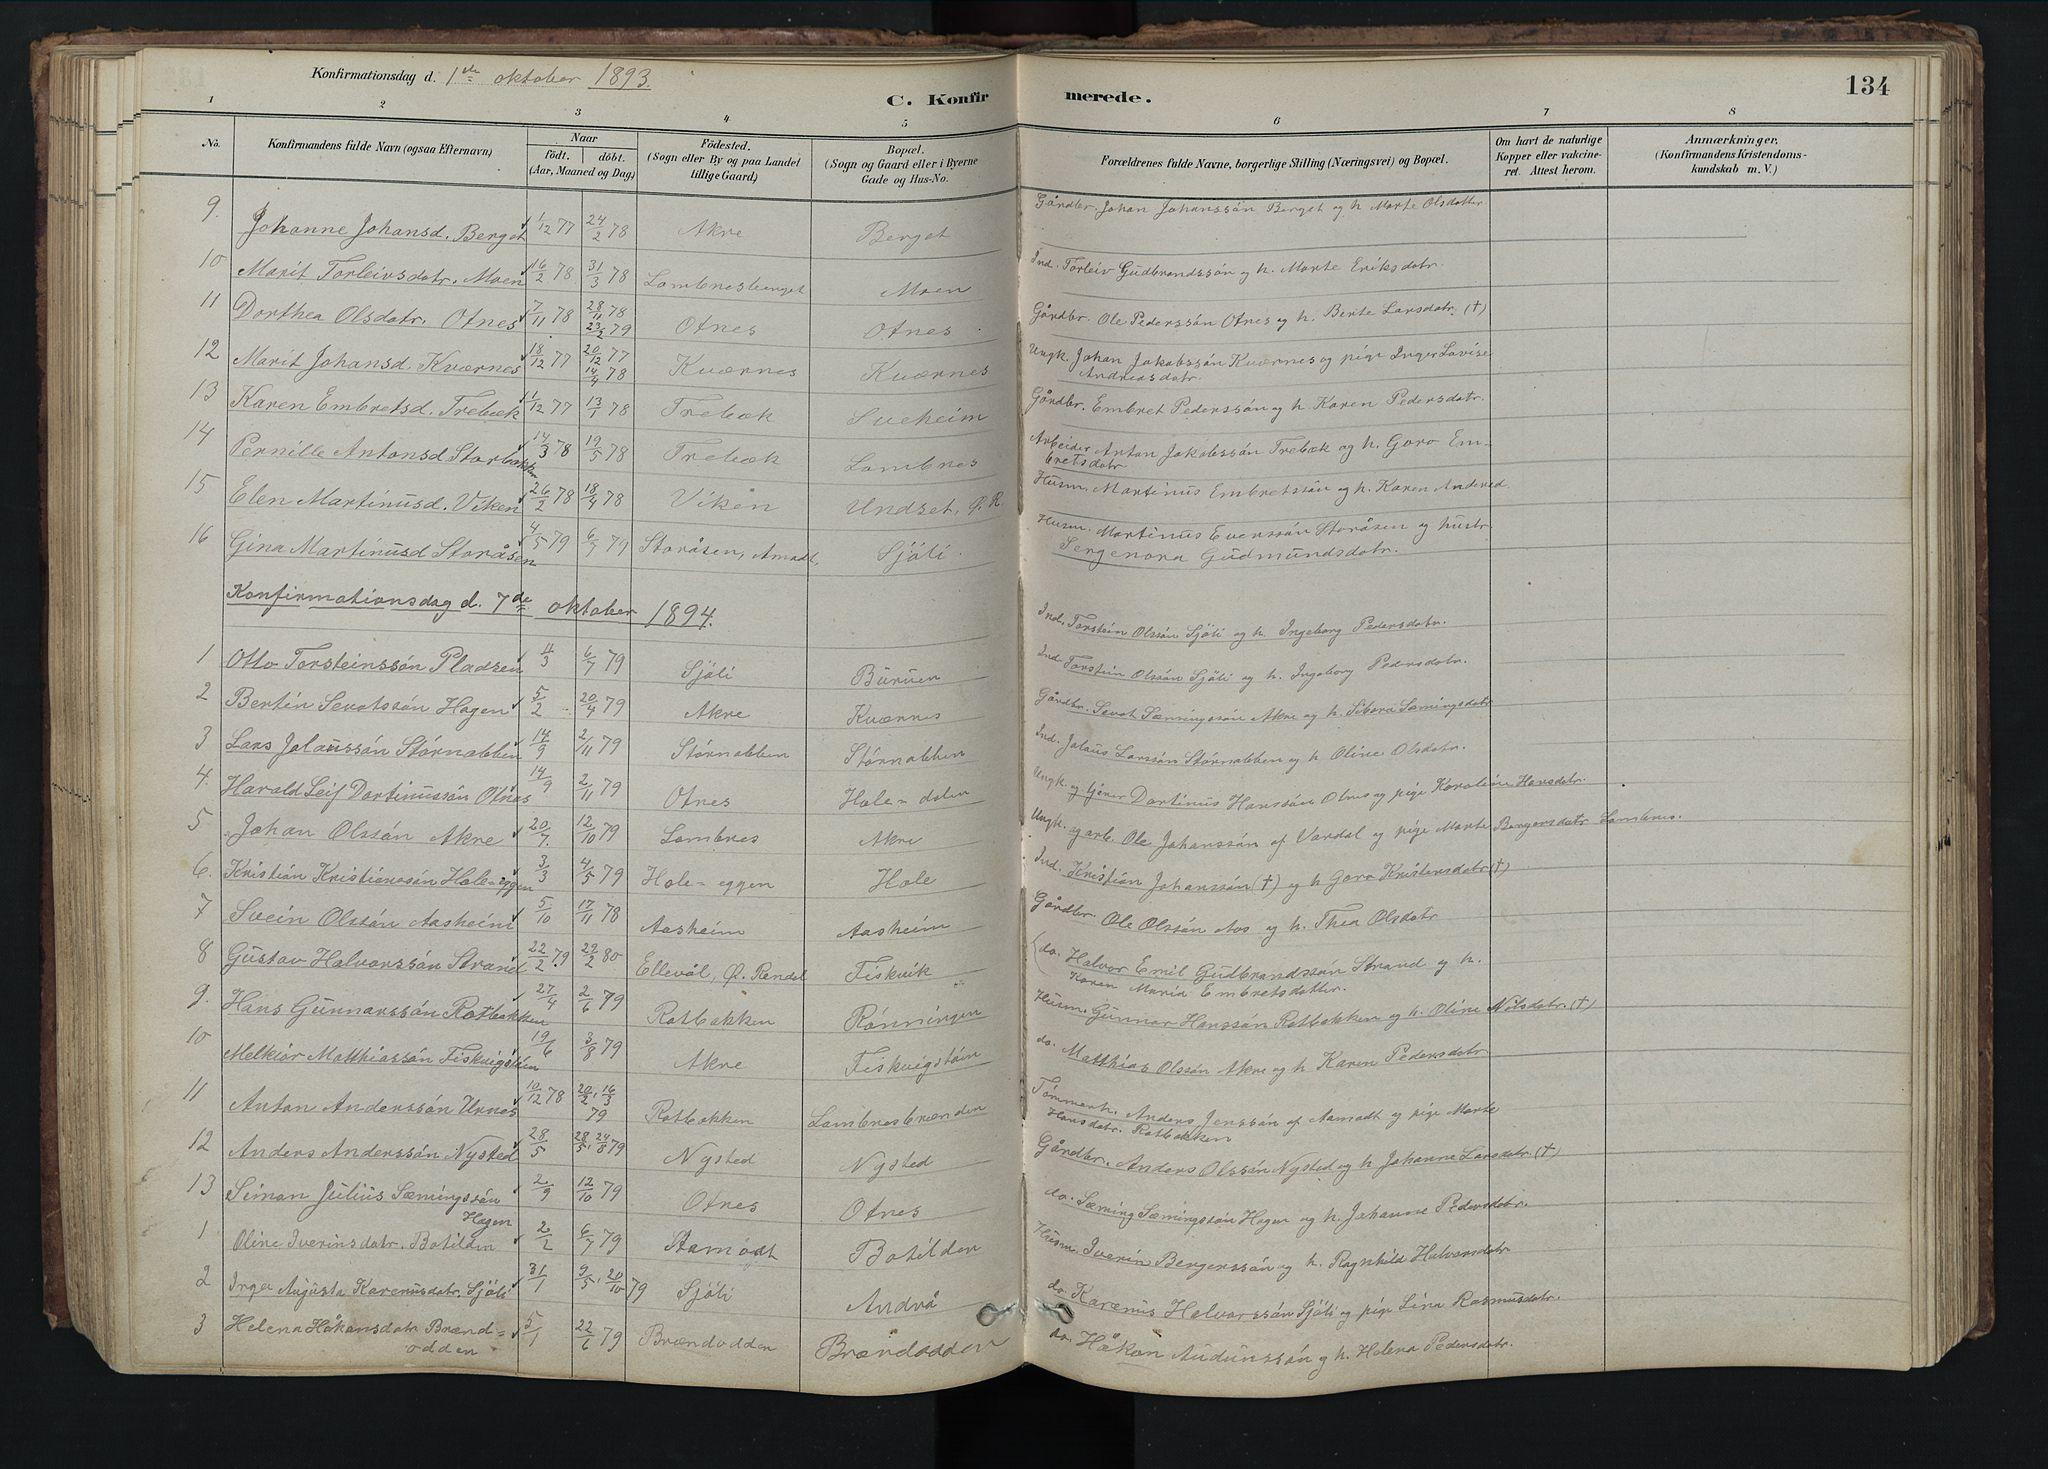 SAH, Rendalen prestekontor, H/Ha/Hab/L0009: Klokkerbok nr. 9, 1879-1902, s. 134